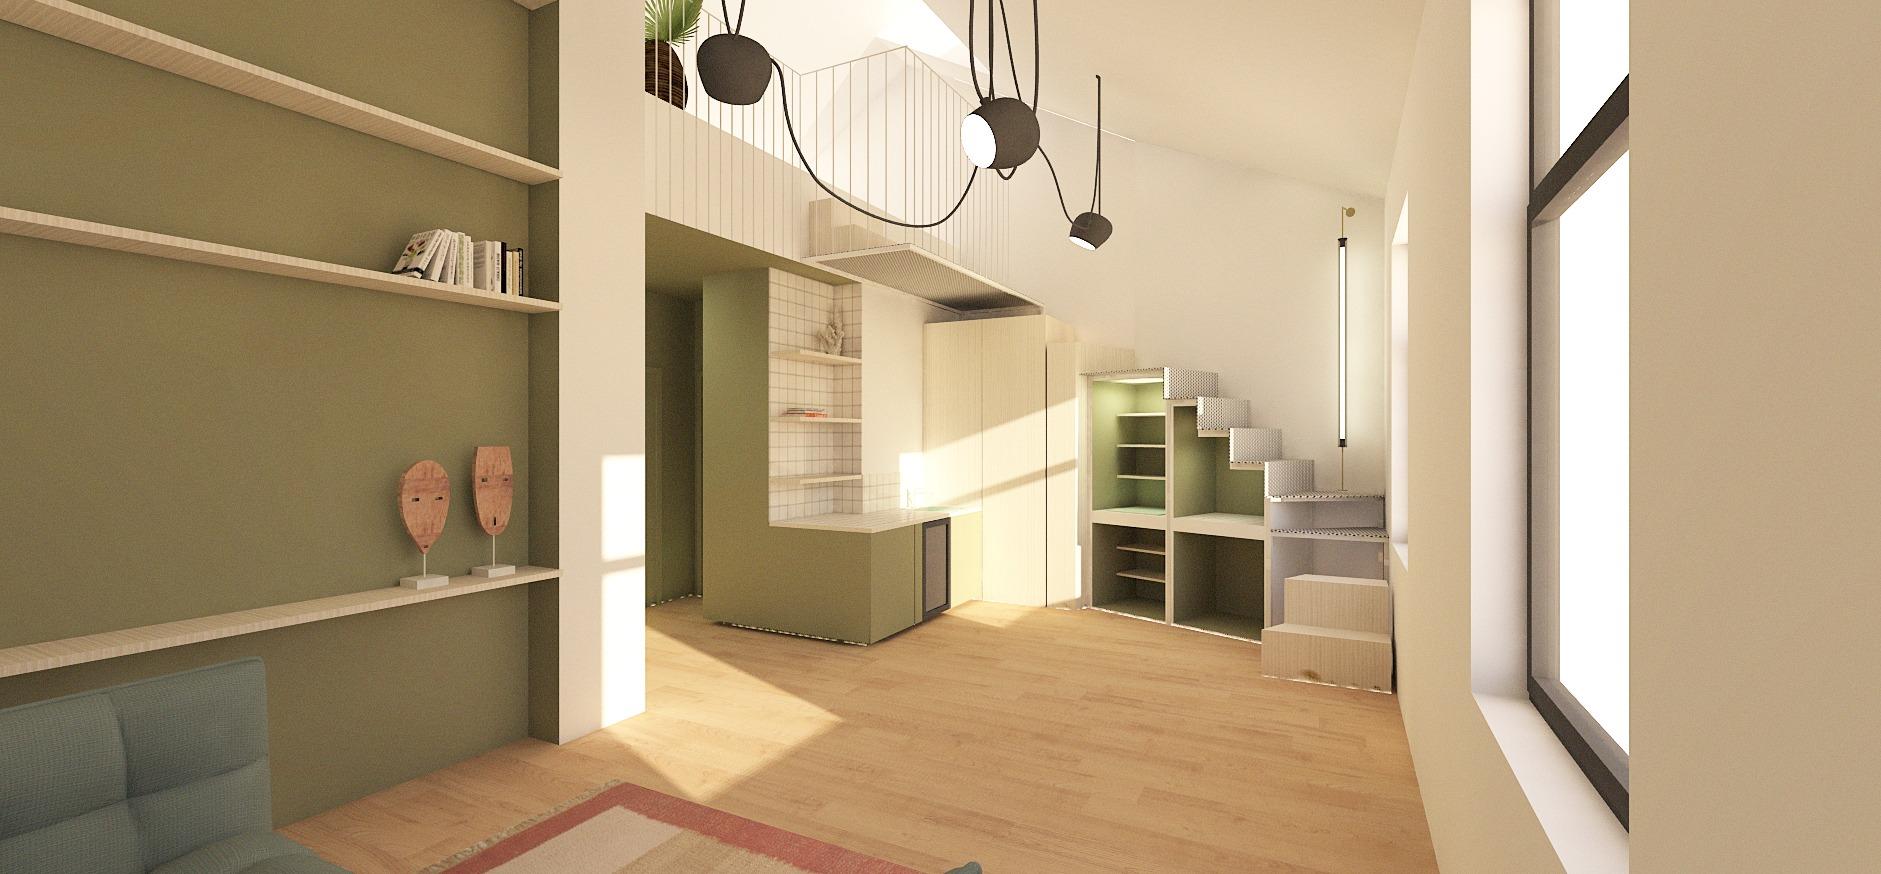 craiecraie-architecture-lyon-renovation-guillotiere-lyon7